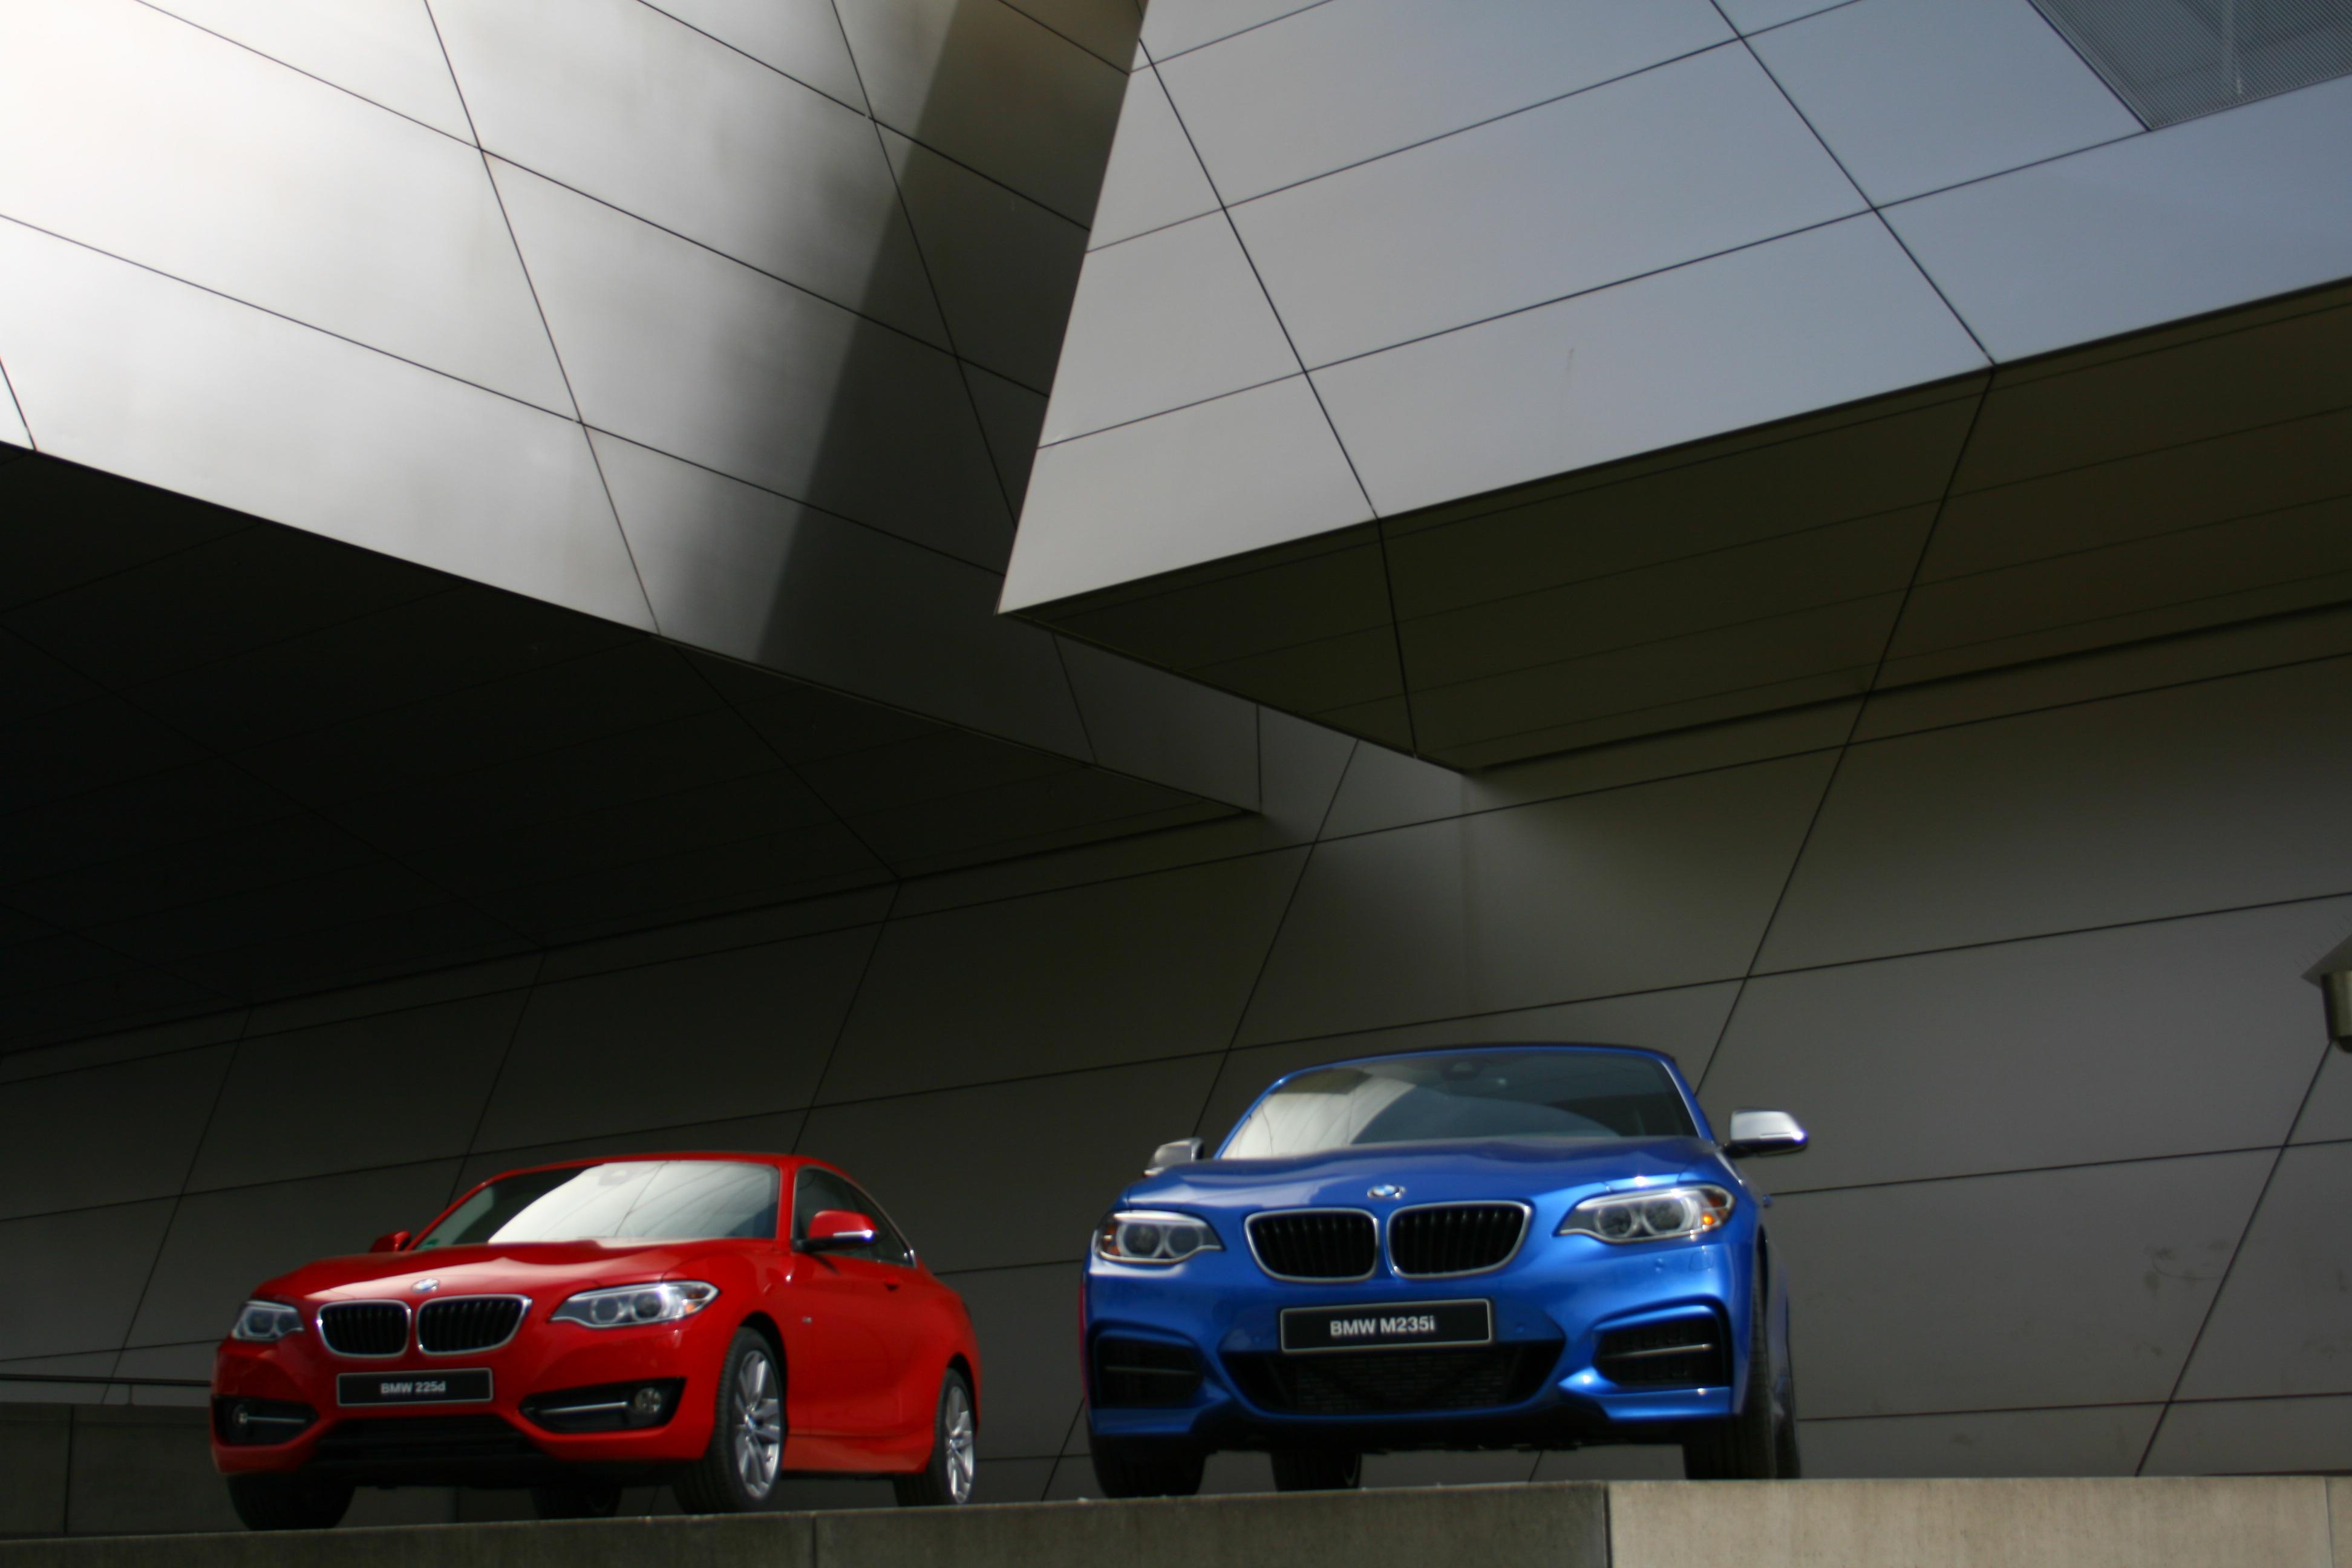 58 Gambar Mobil Sport Dari Samping Gratis